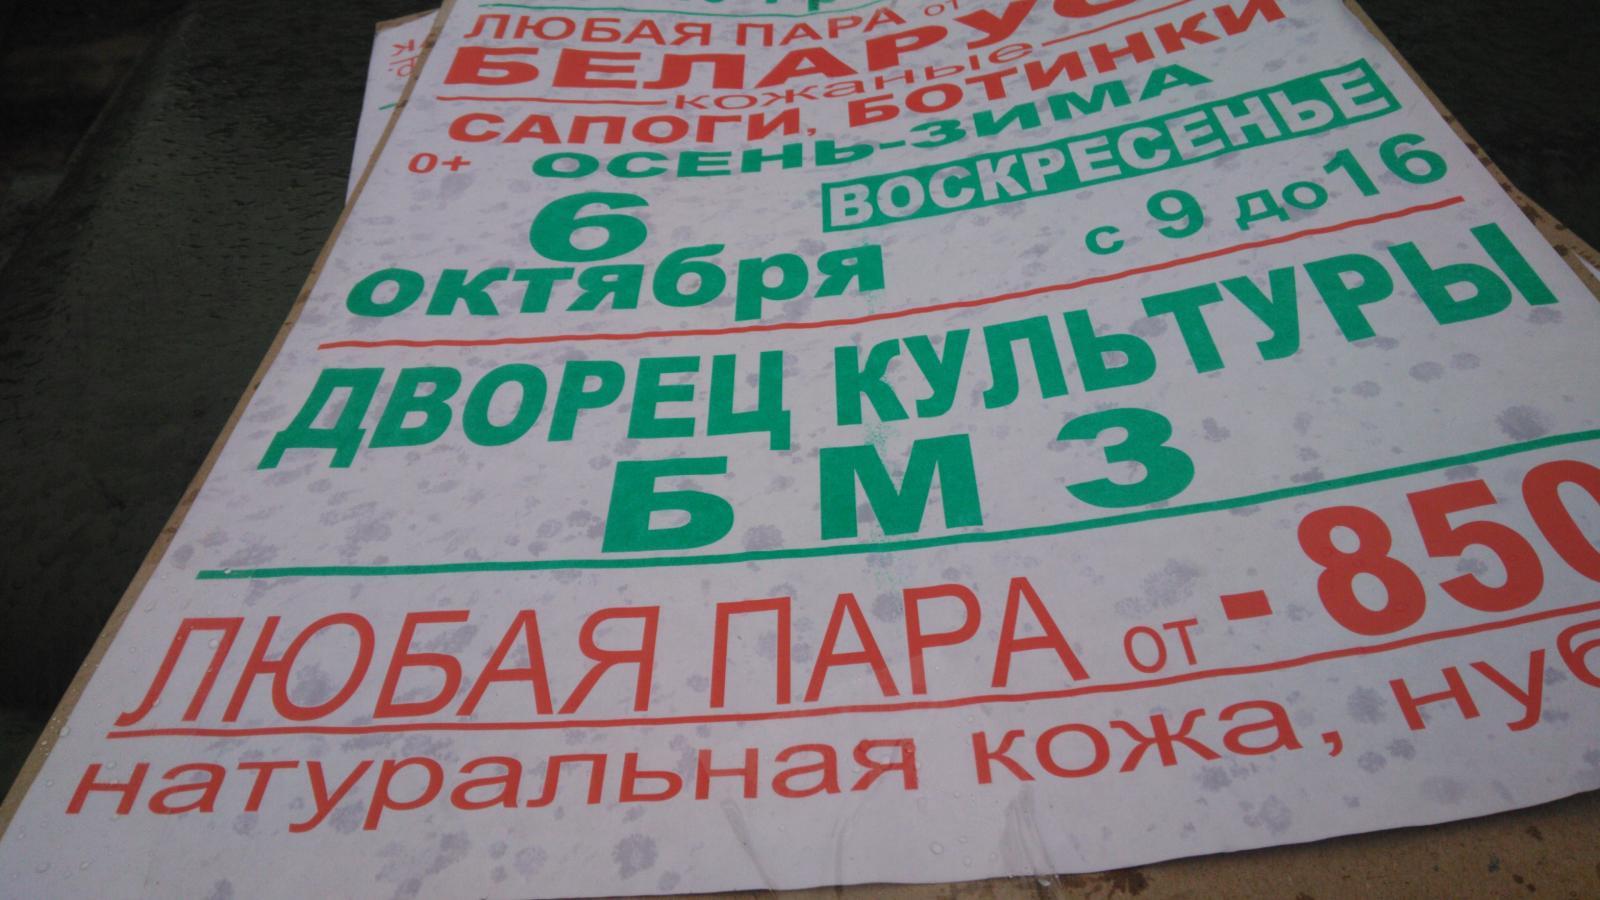 Брянский блогер Виткевич пришел в ярость из-за распродажи в ДК БМЗ